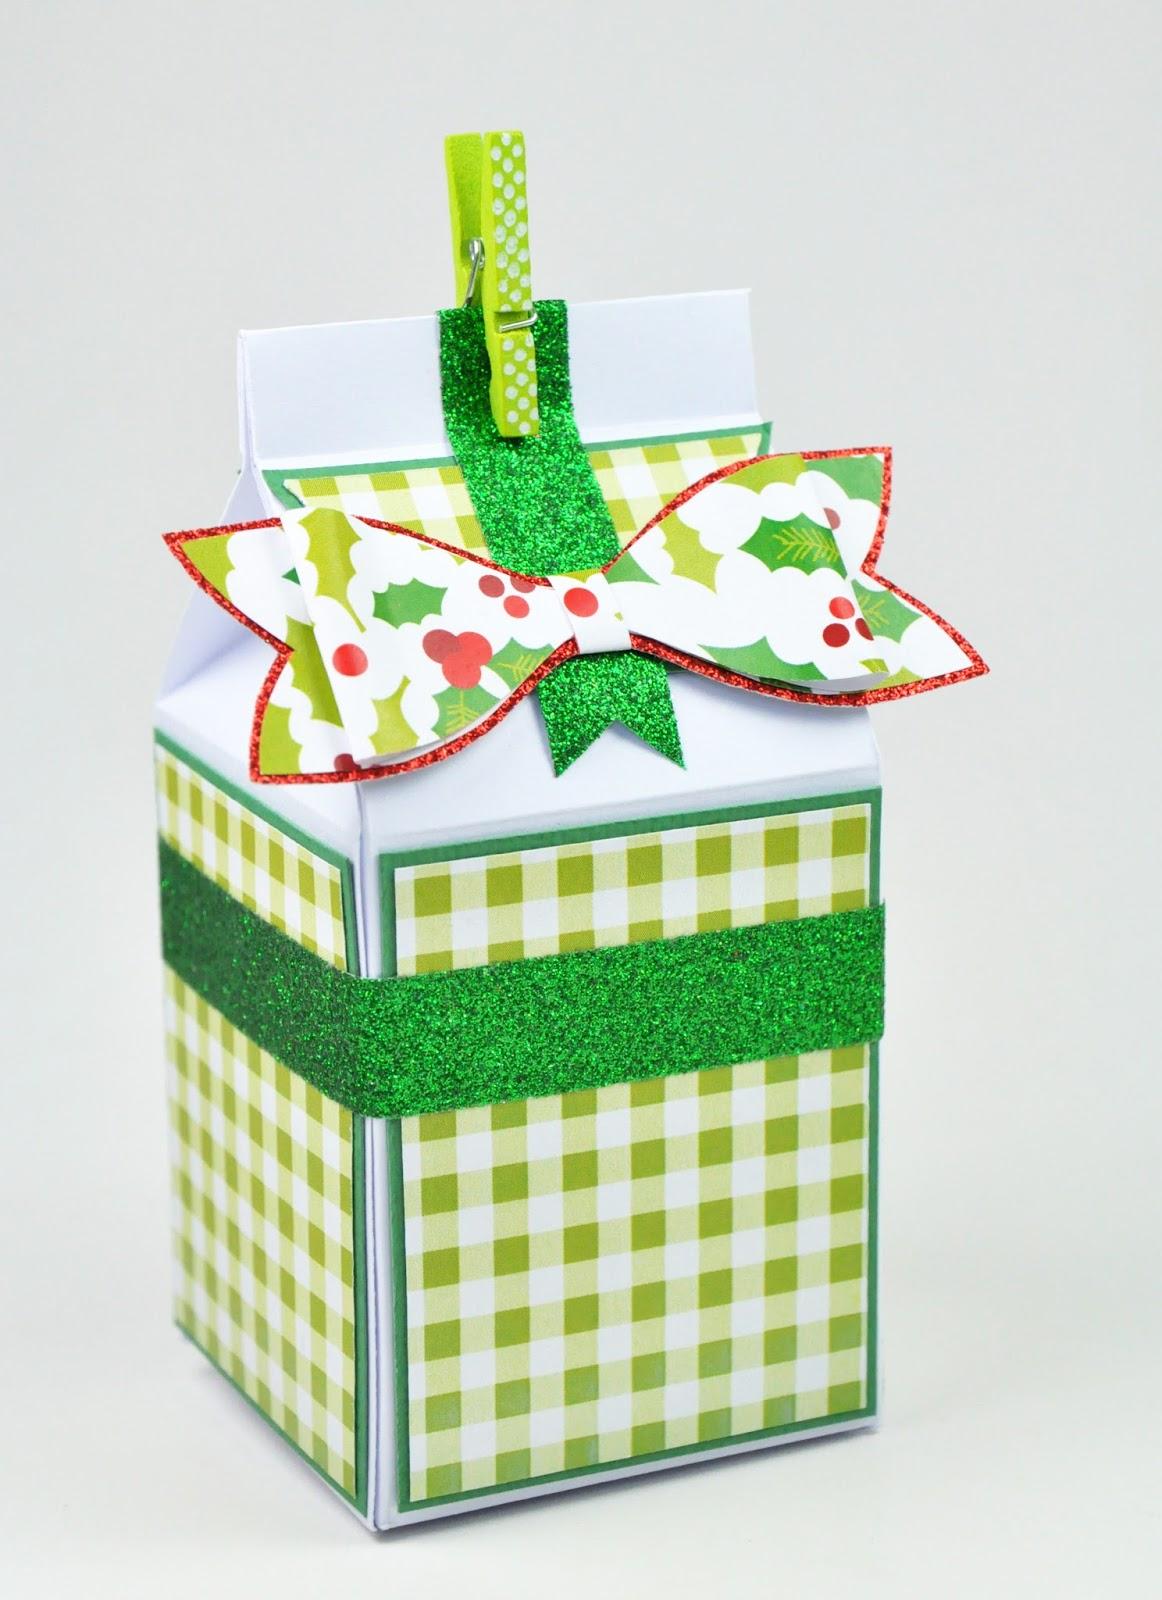 #94A526 Lilouscrappe: Petites Boîtes Gourmandes Au Couleurs  5521 décorations de noel traditionnelles 1162x1600 px @ aertt.com